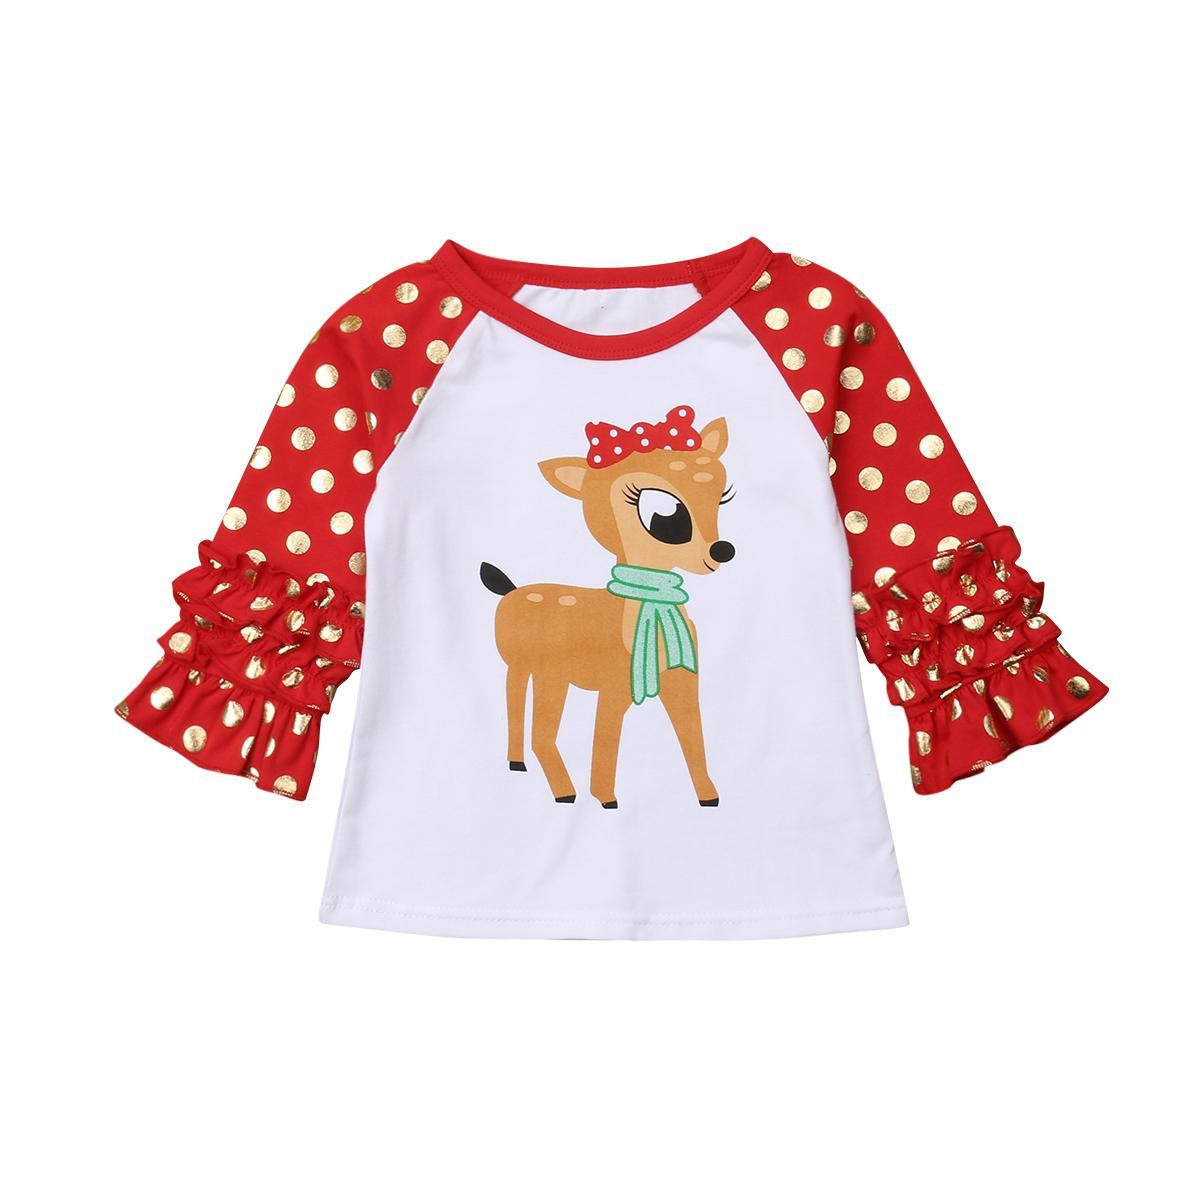 2020 nuovi calda del bambino dei capretti del bambino delle ragazze del ragazzo abbigliamento T-shirt Partito T Tops Outfit Natale